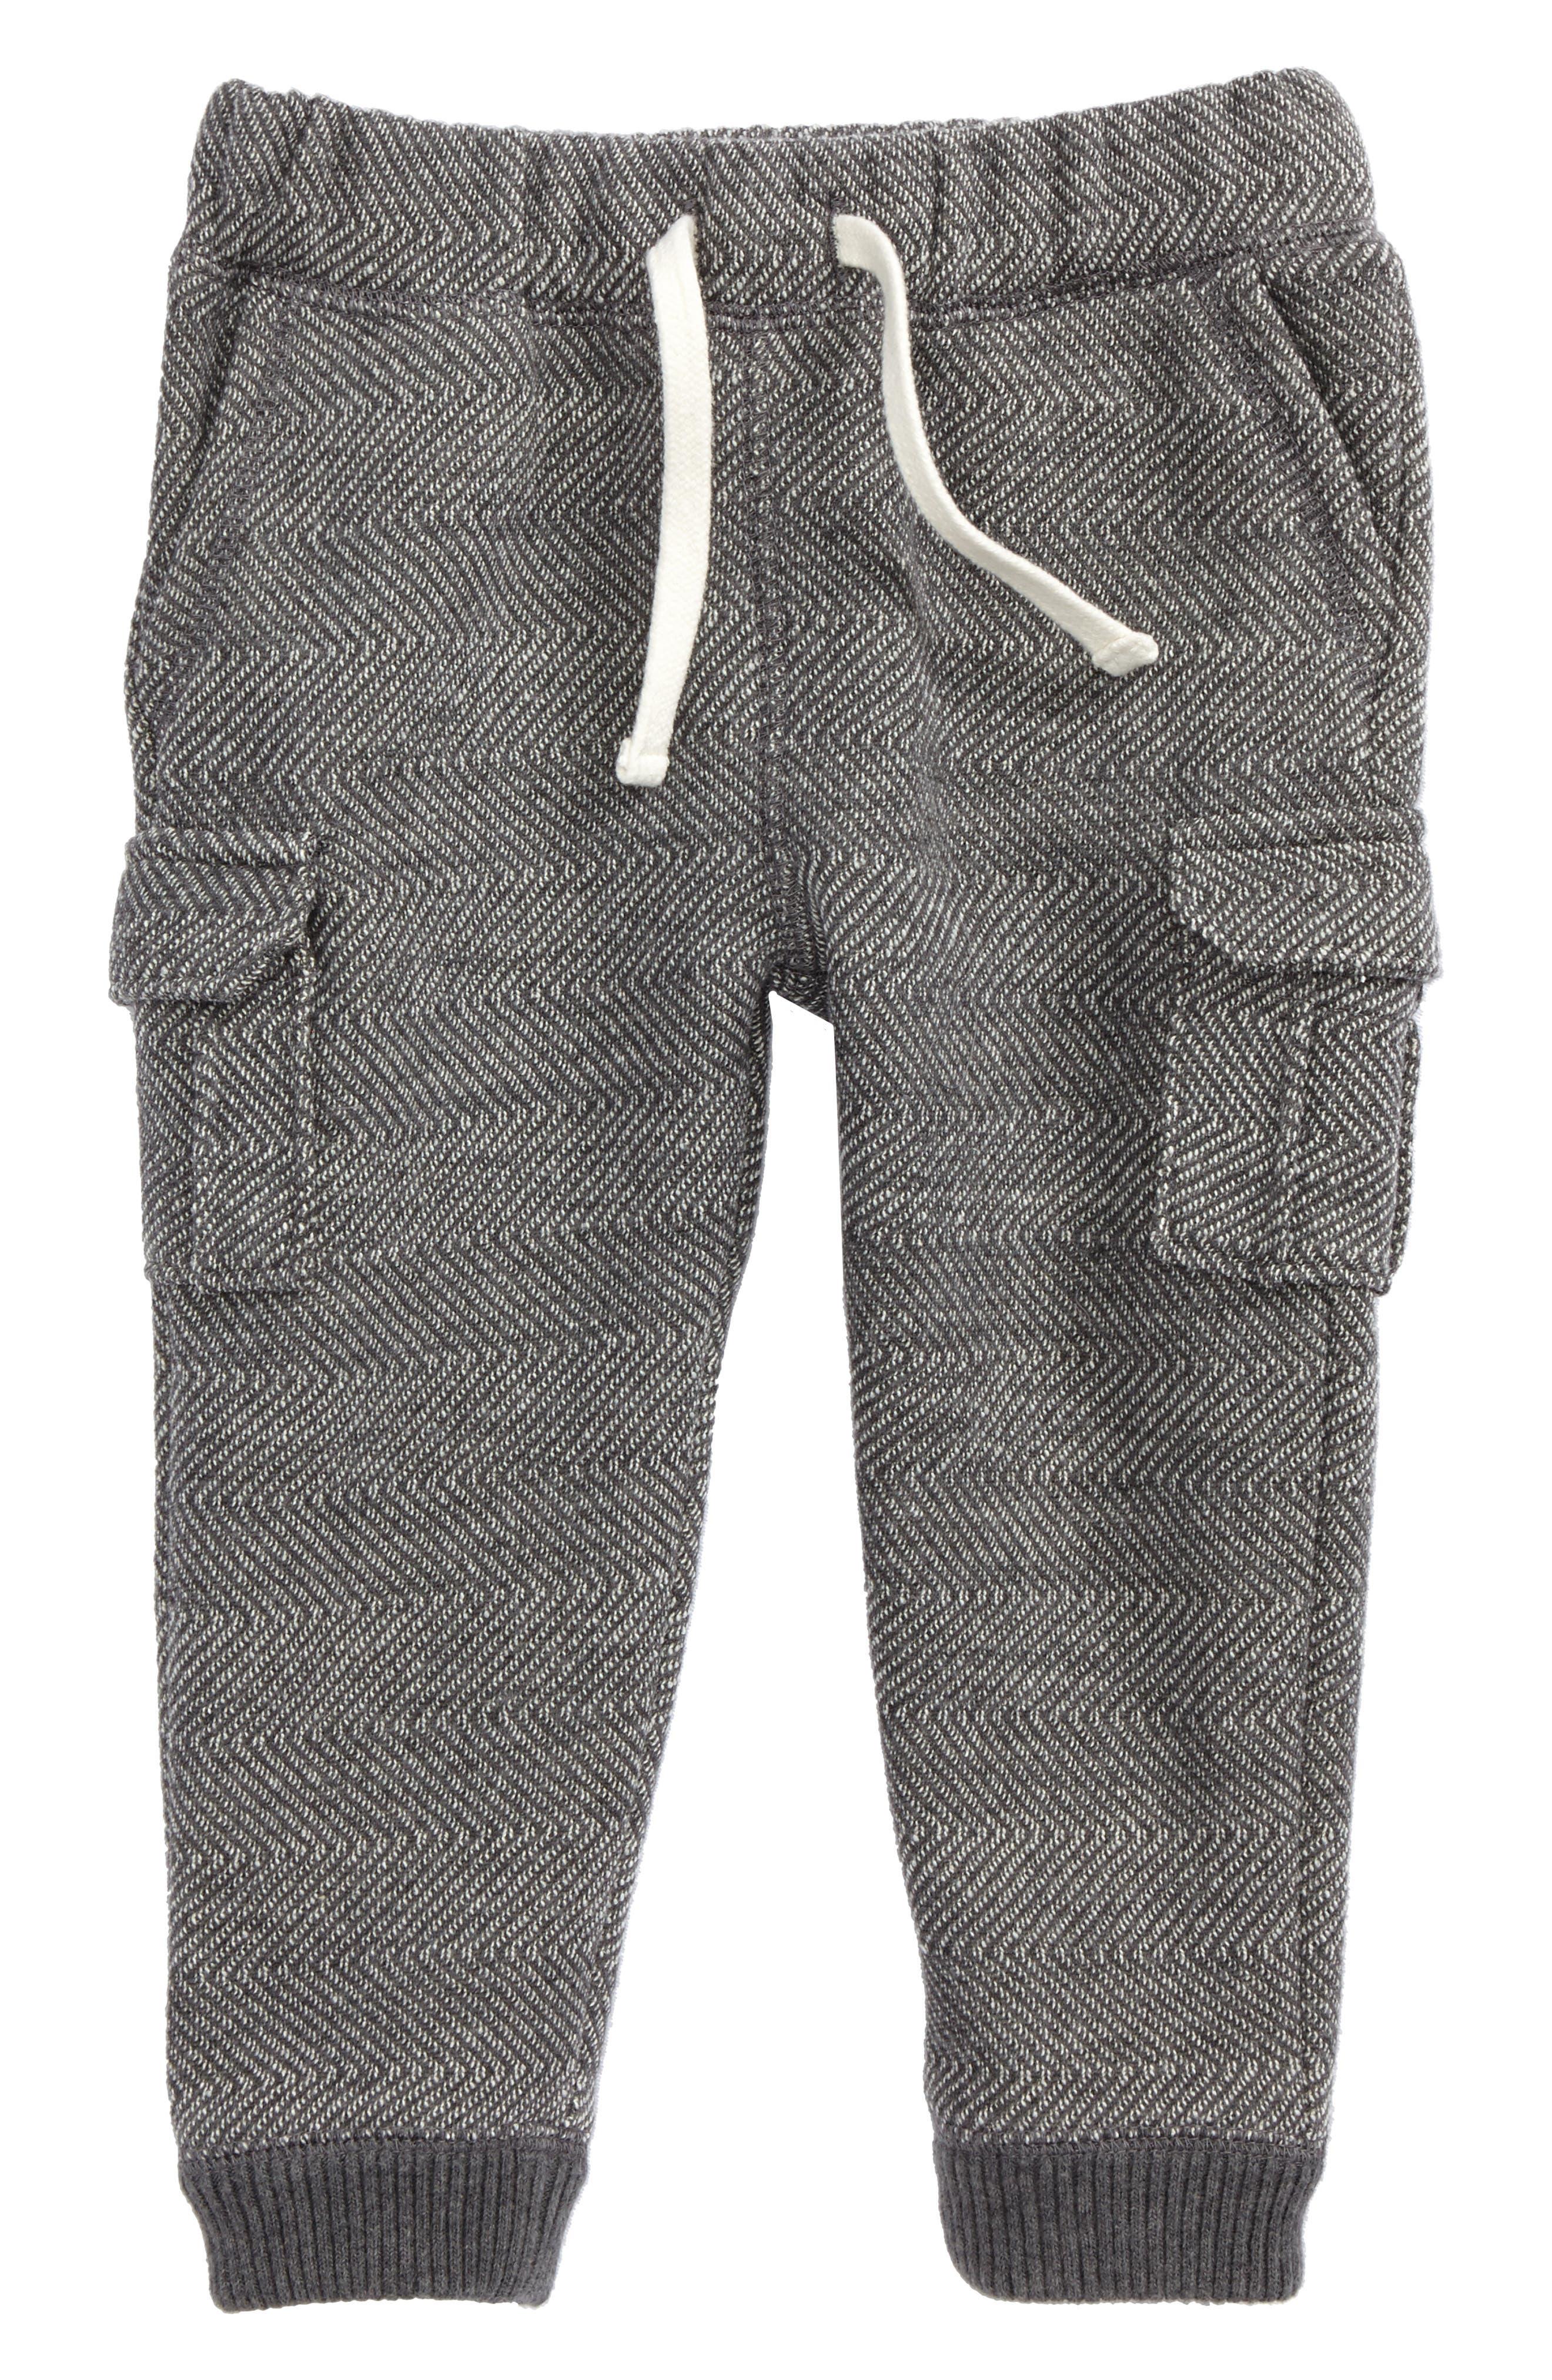 Tucker + Tate Knit Jogger Pants (Baby Boys)